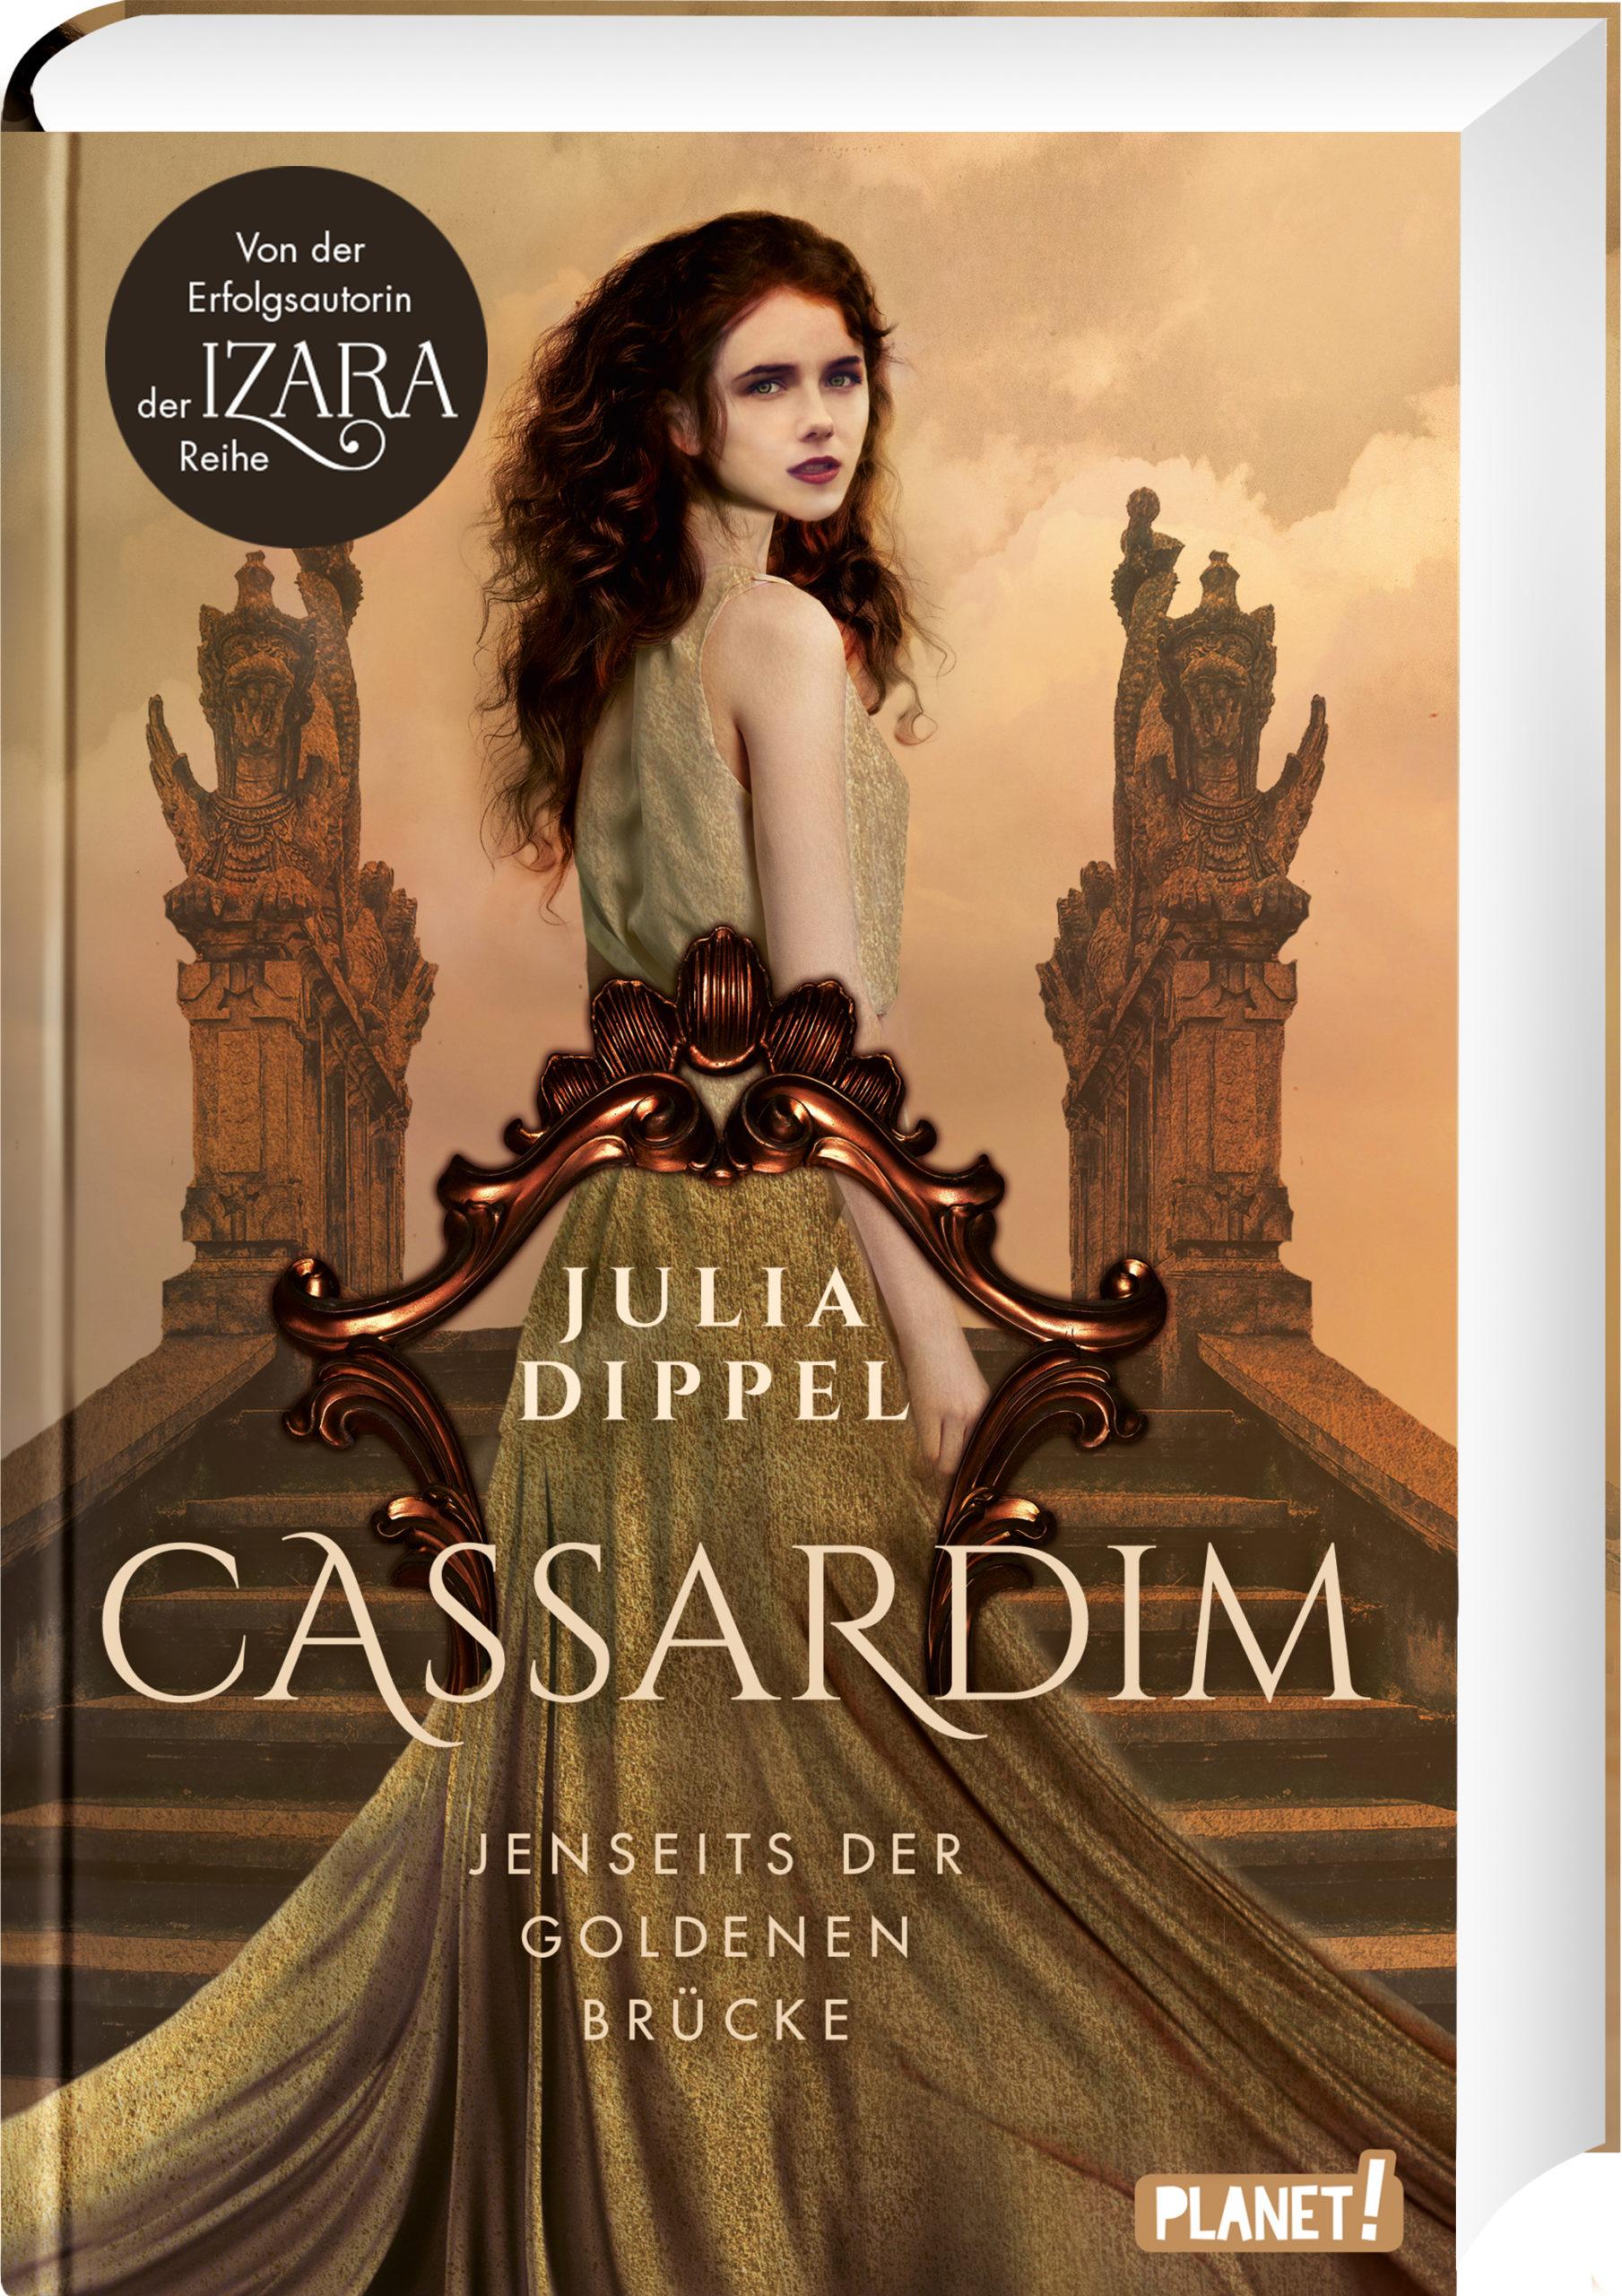 """Rezension: """"Cassardim - Jenseits der goldenen Brücke"""" von Julia Dippel, (1. Band)"""